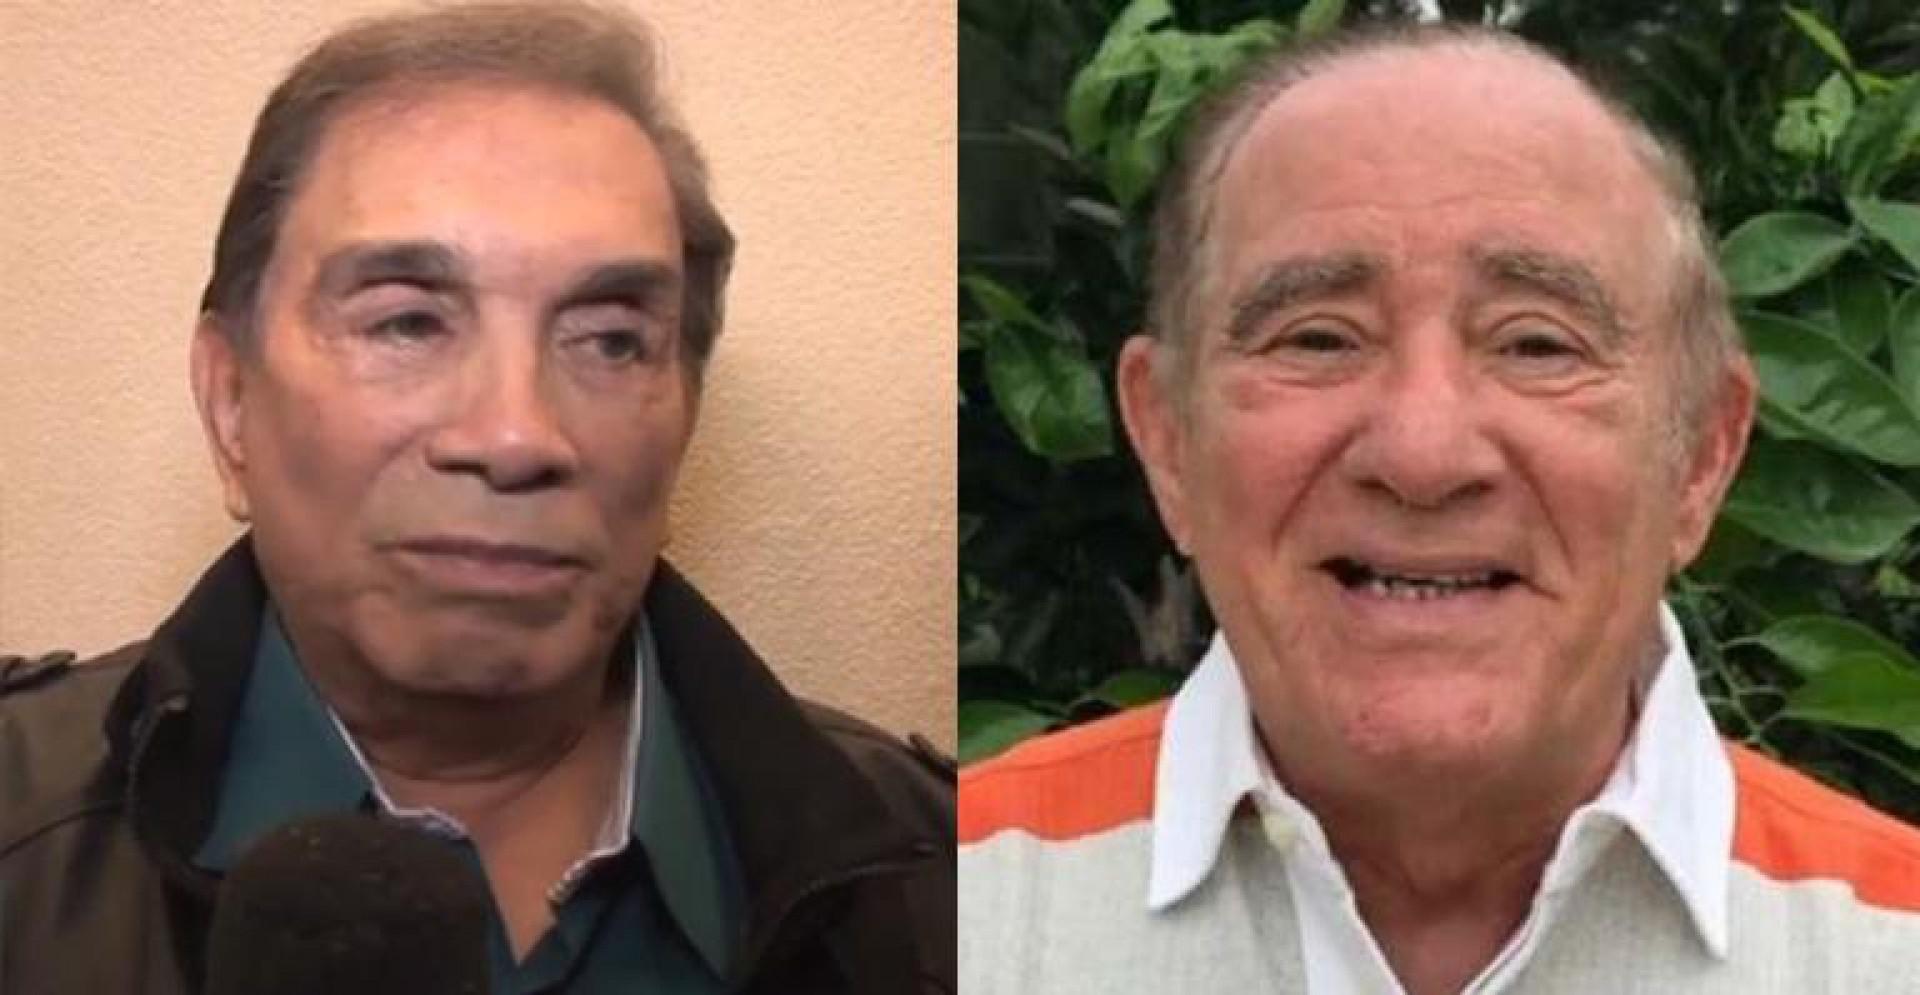 Dedé Santana detona demissão de Renato Aragão da Rede Globo: 'Injustiça'  Jornal MEIA HORA - Celebridades e TV